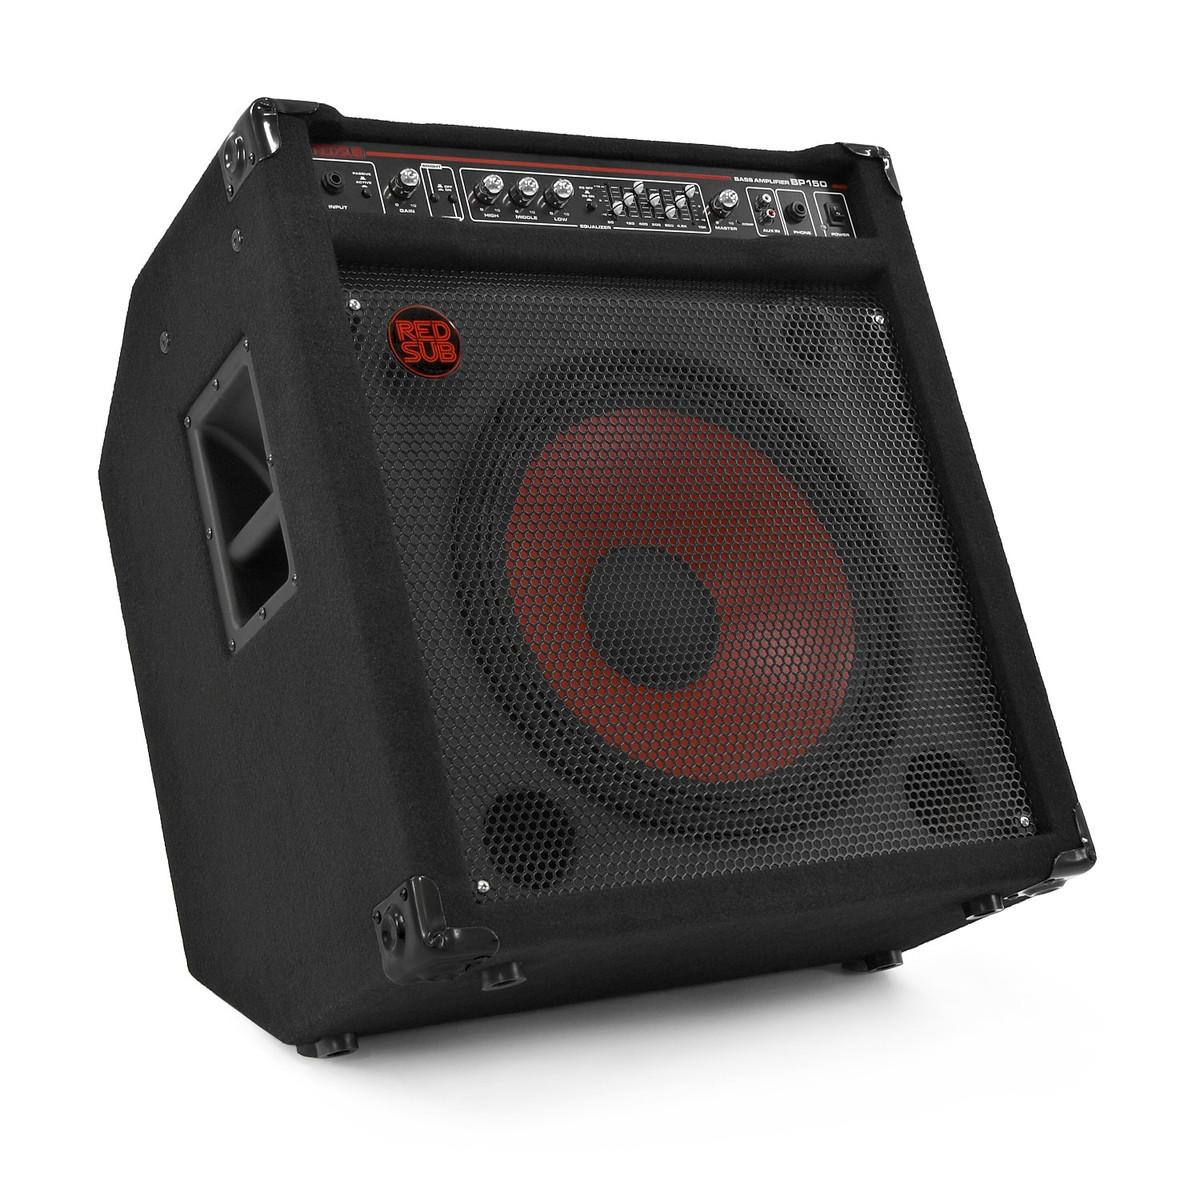 Bass Guitar To Amp : redsub bp150 150w bass guitar amplifier b stock at ~ Hamham.info Haus und Dekorationen